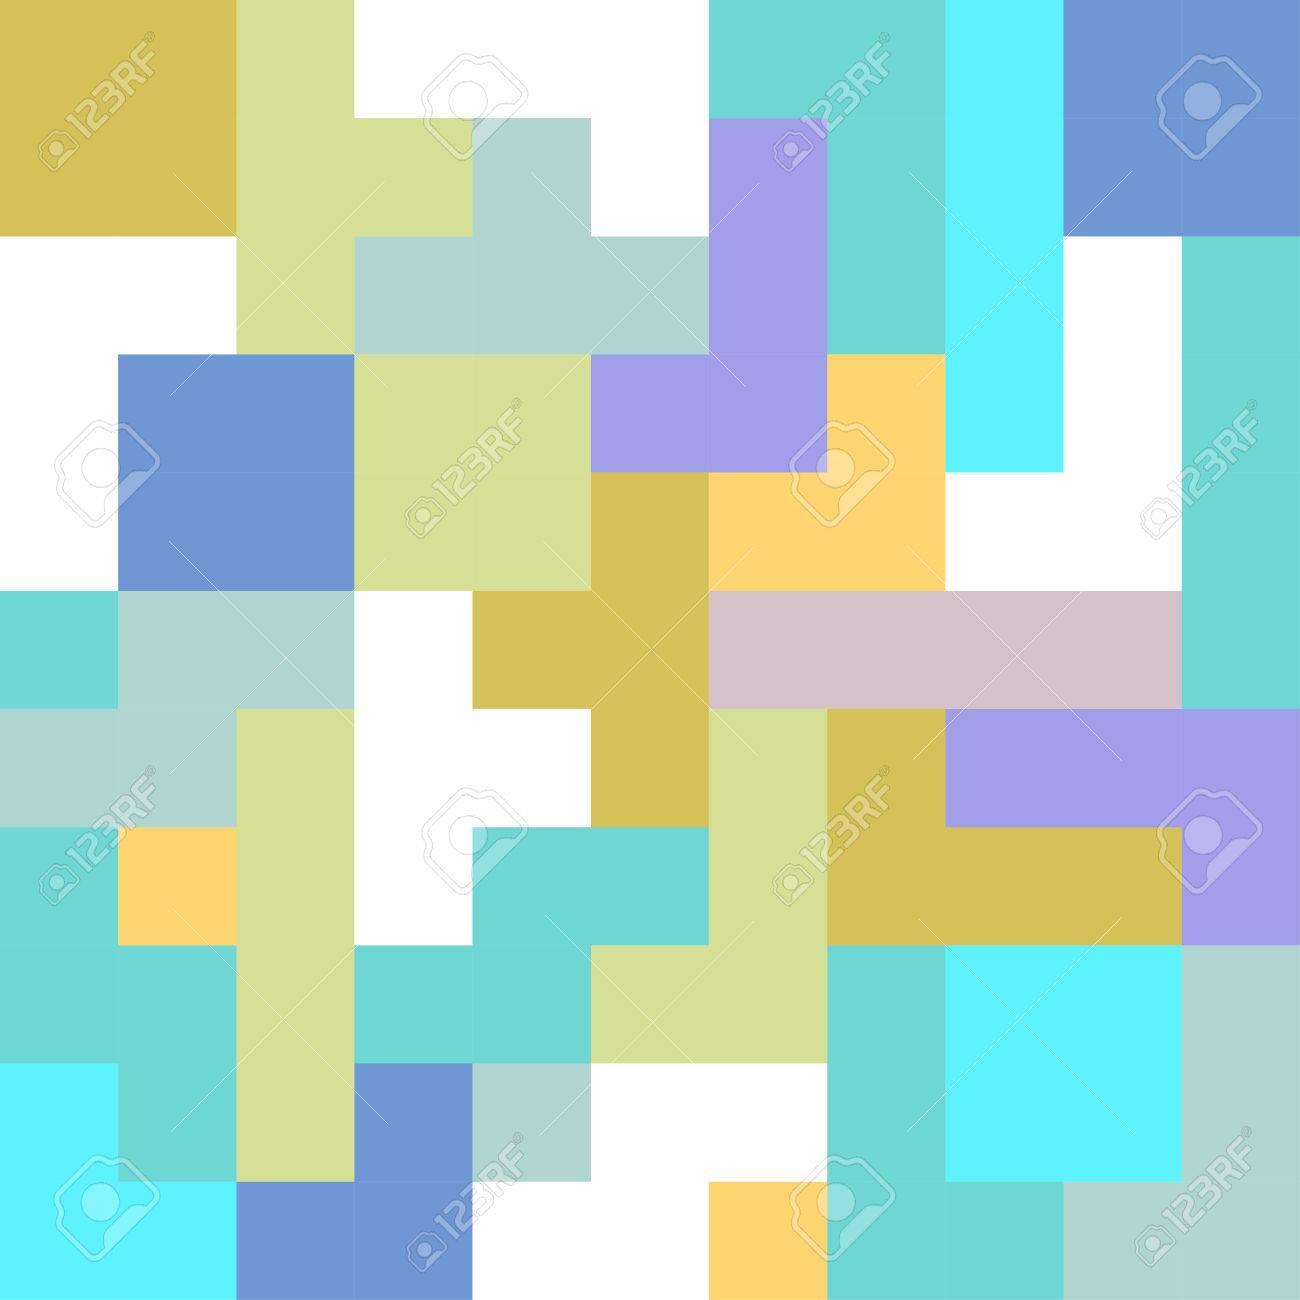 Abstracto Geométrico Pixel Art Digital De Fondo De La Plantilla ...